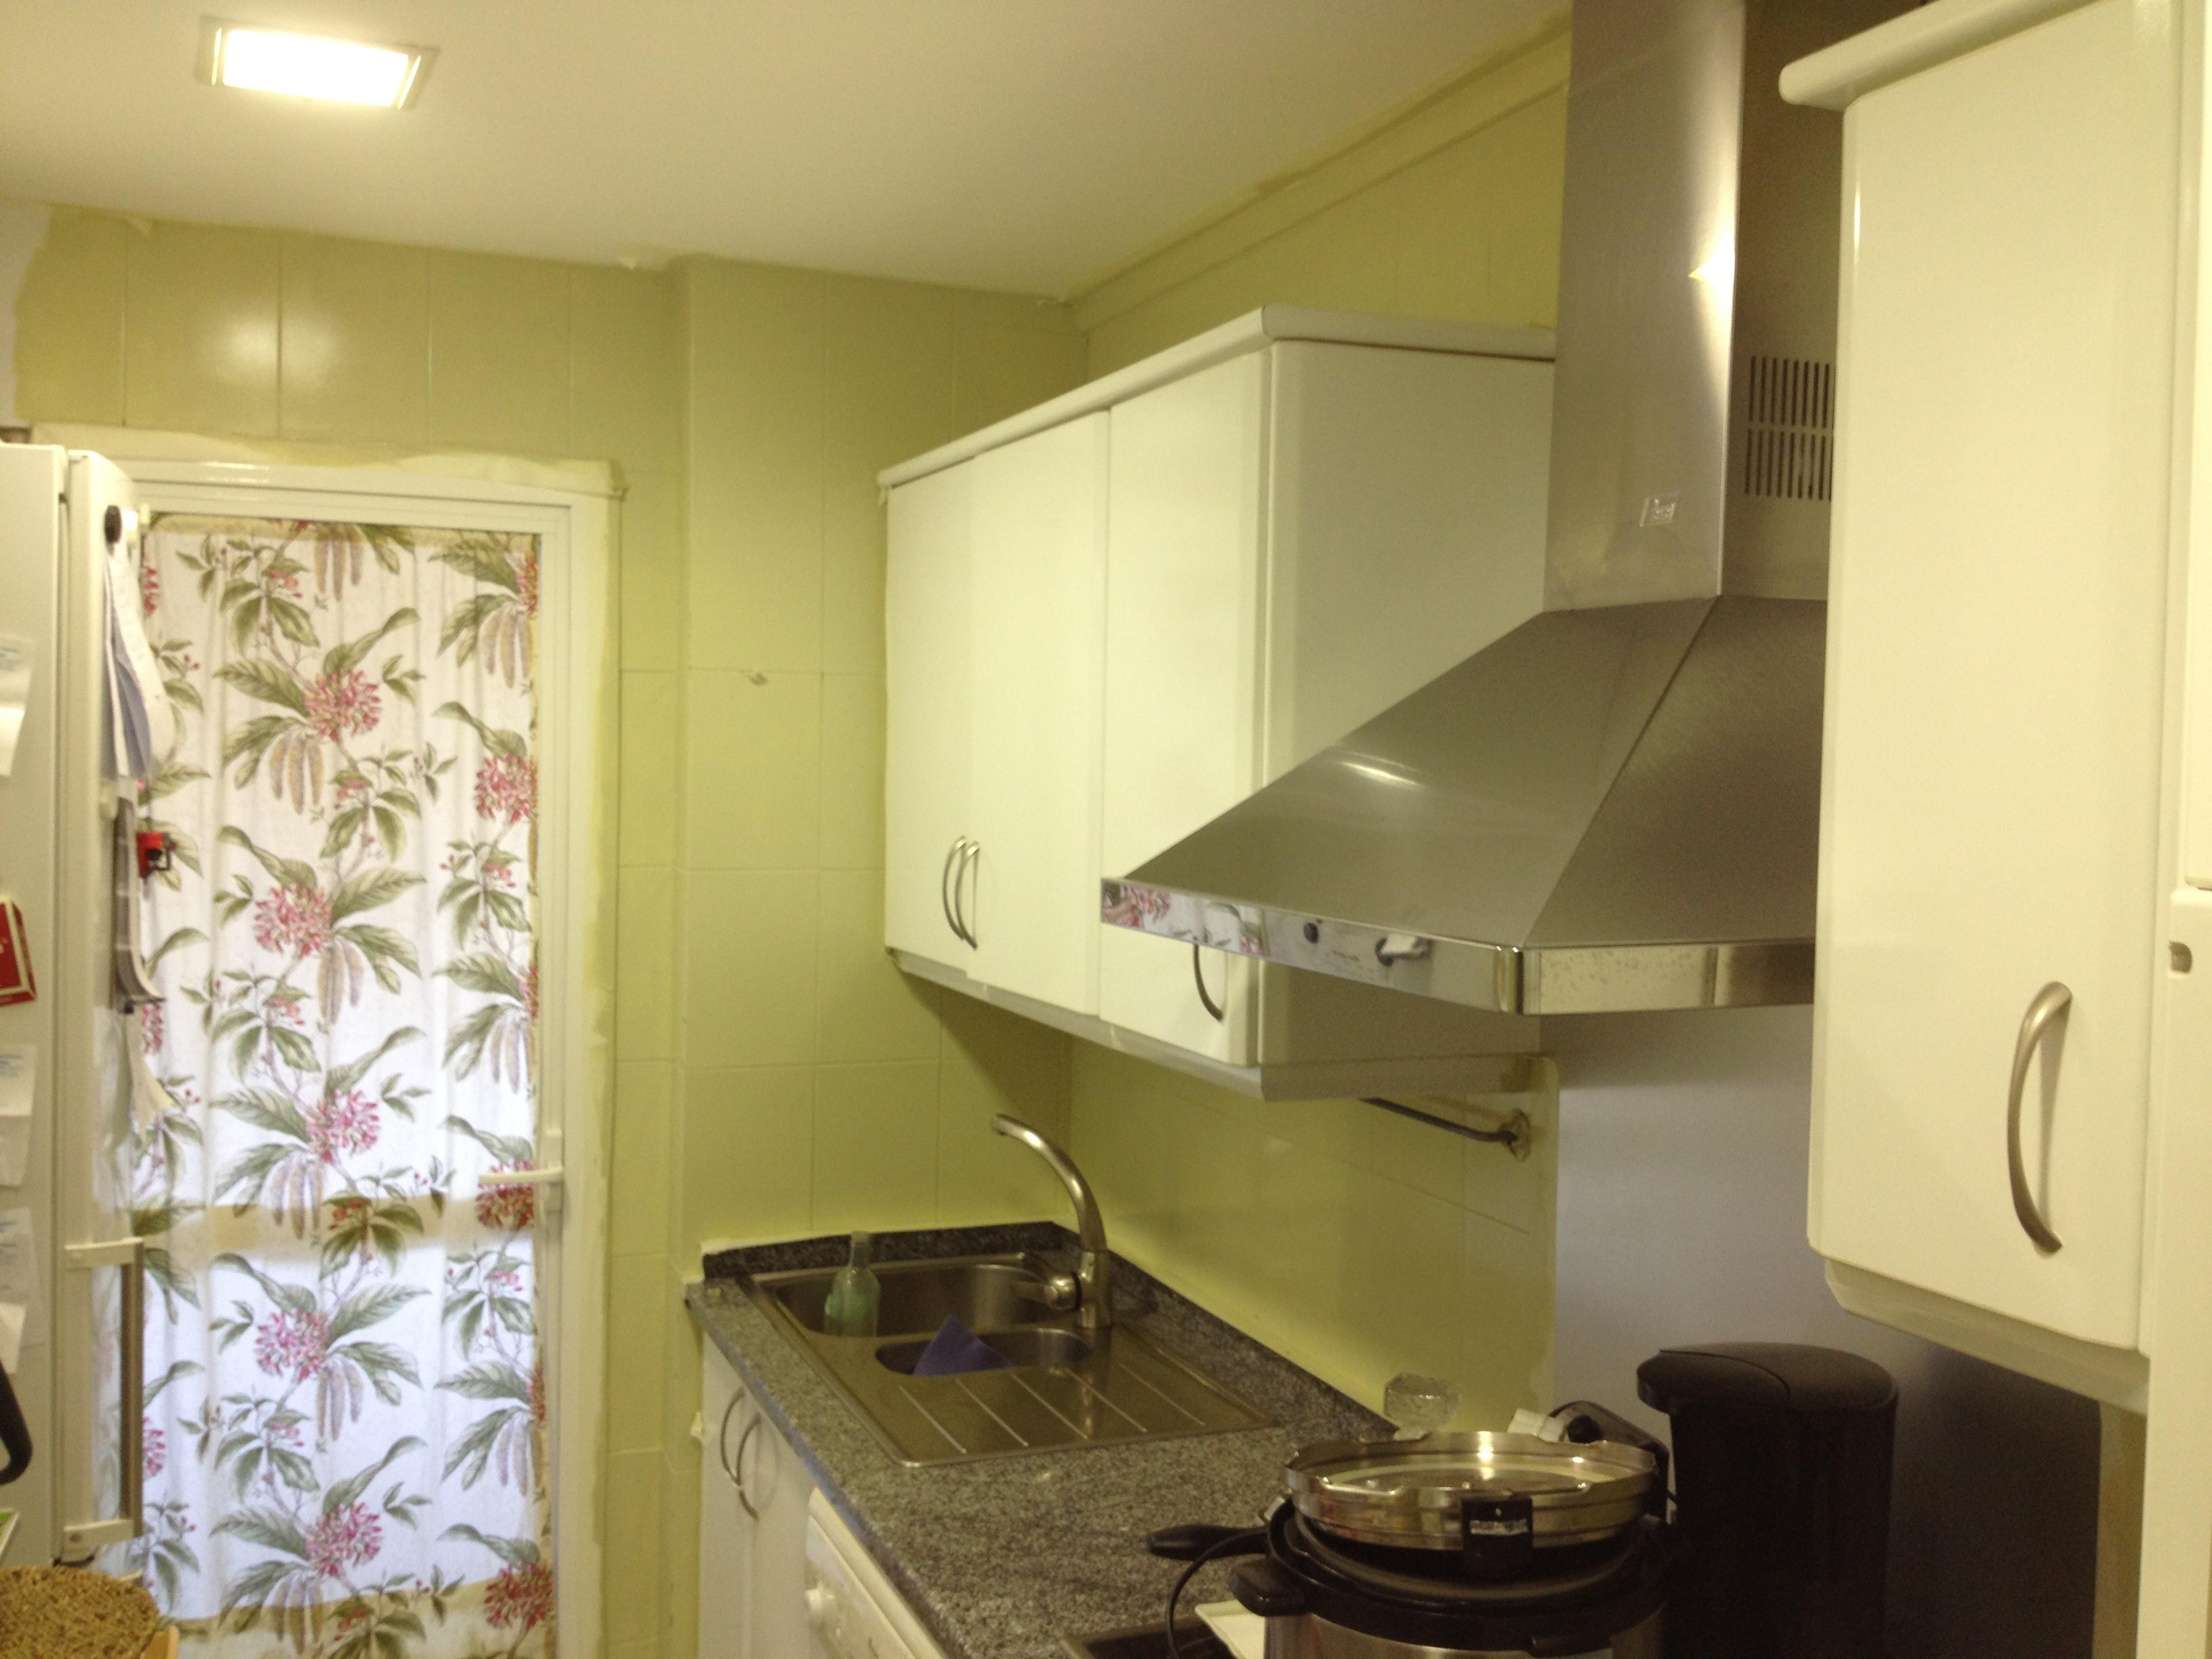 Un antes y un despu s de mis pinitos congdepaula - Banos con azulejos pintados ...